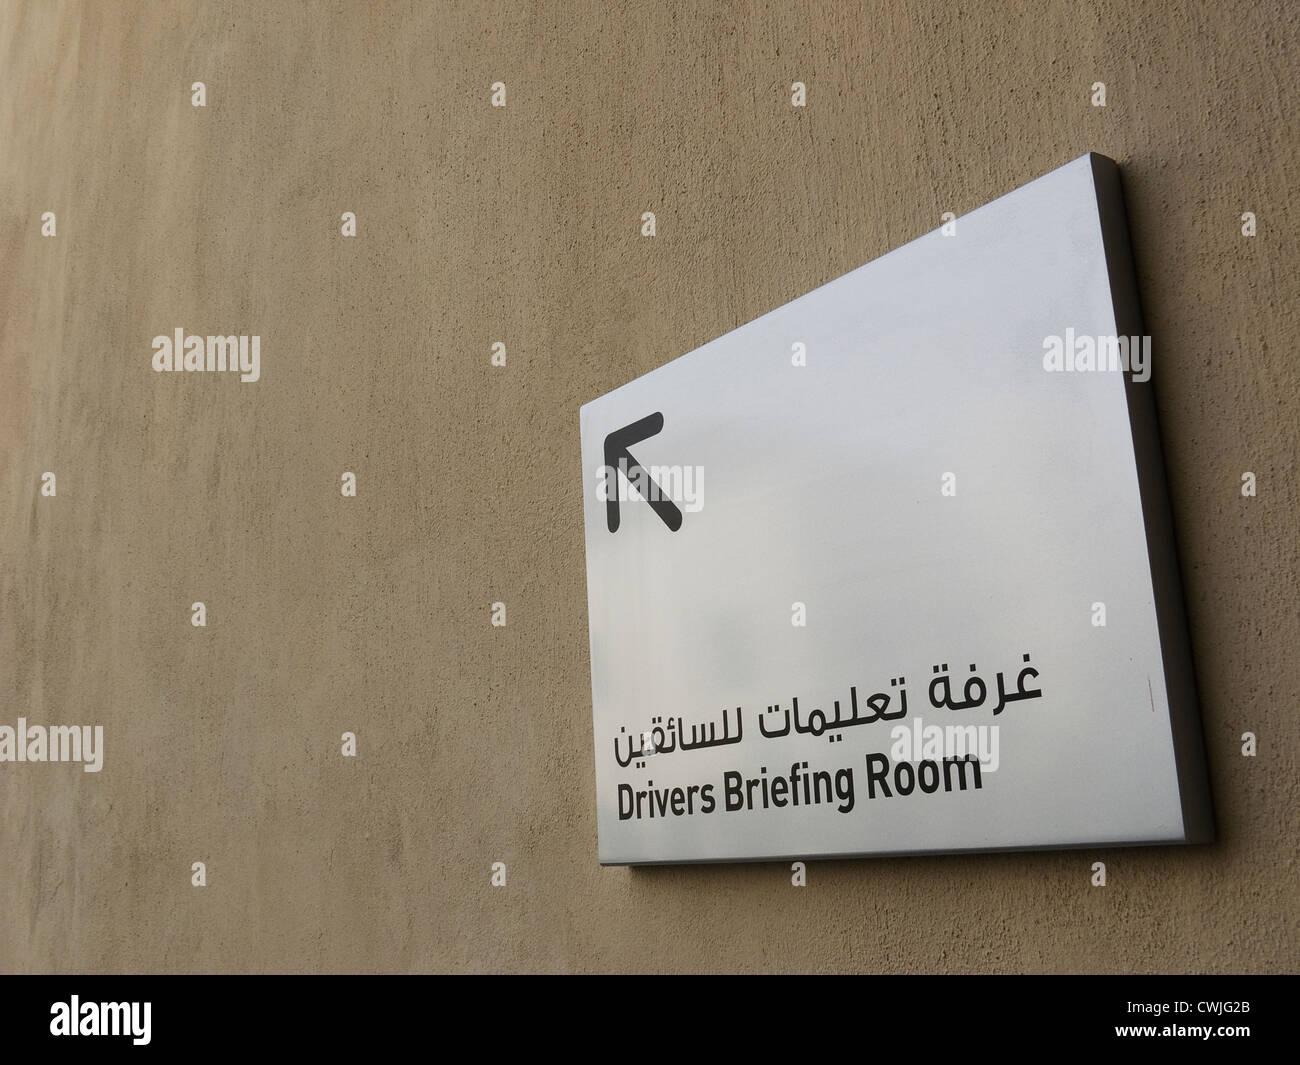 Ein Schild am Yas Schaltung Formel1, Yas Island, Abu Dhabi, weist uns den Weg zu den Treibern briefing Raum. Stockbild